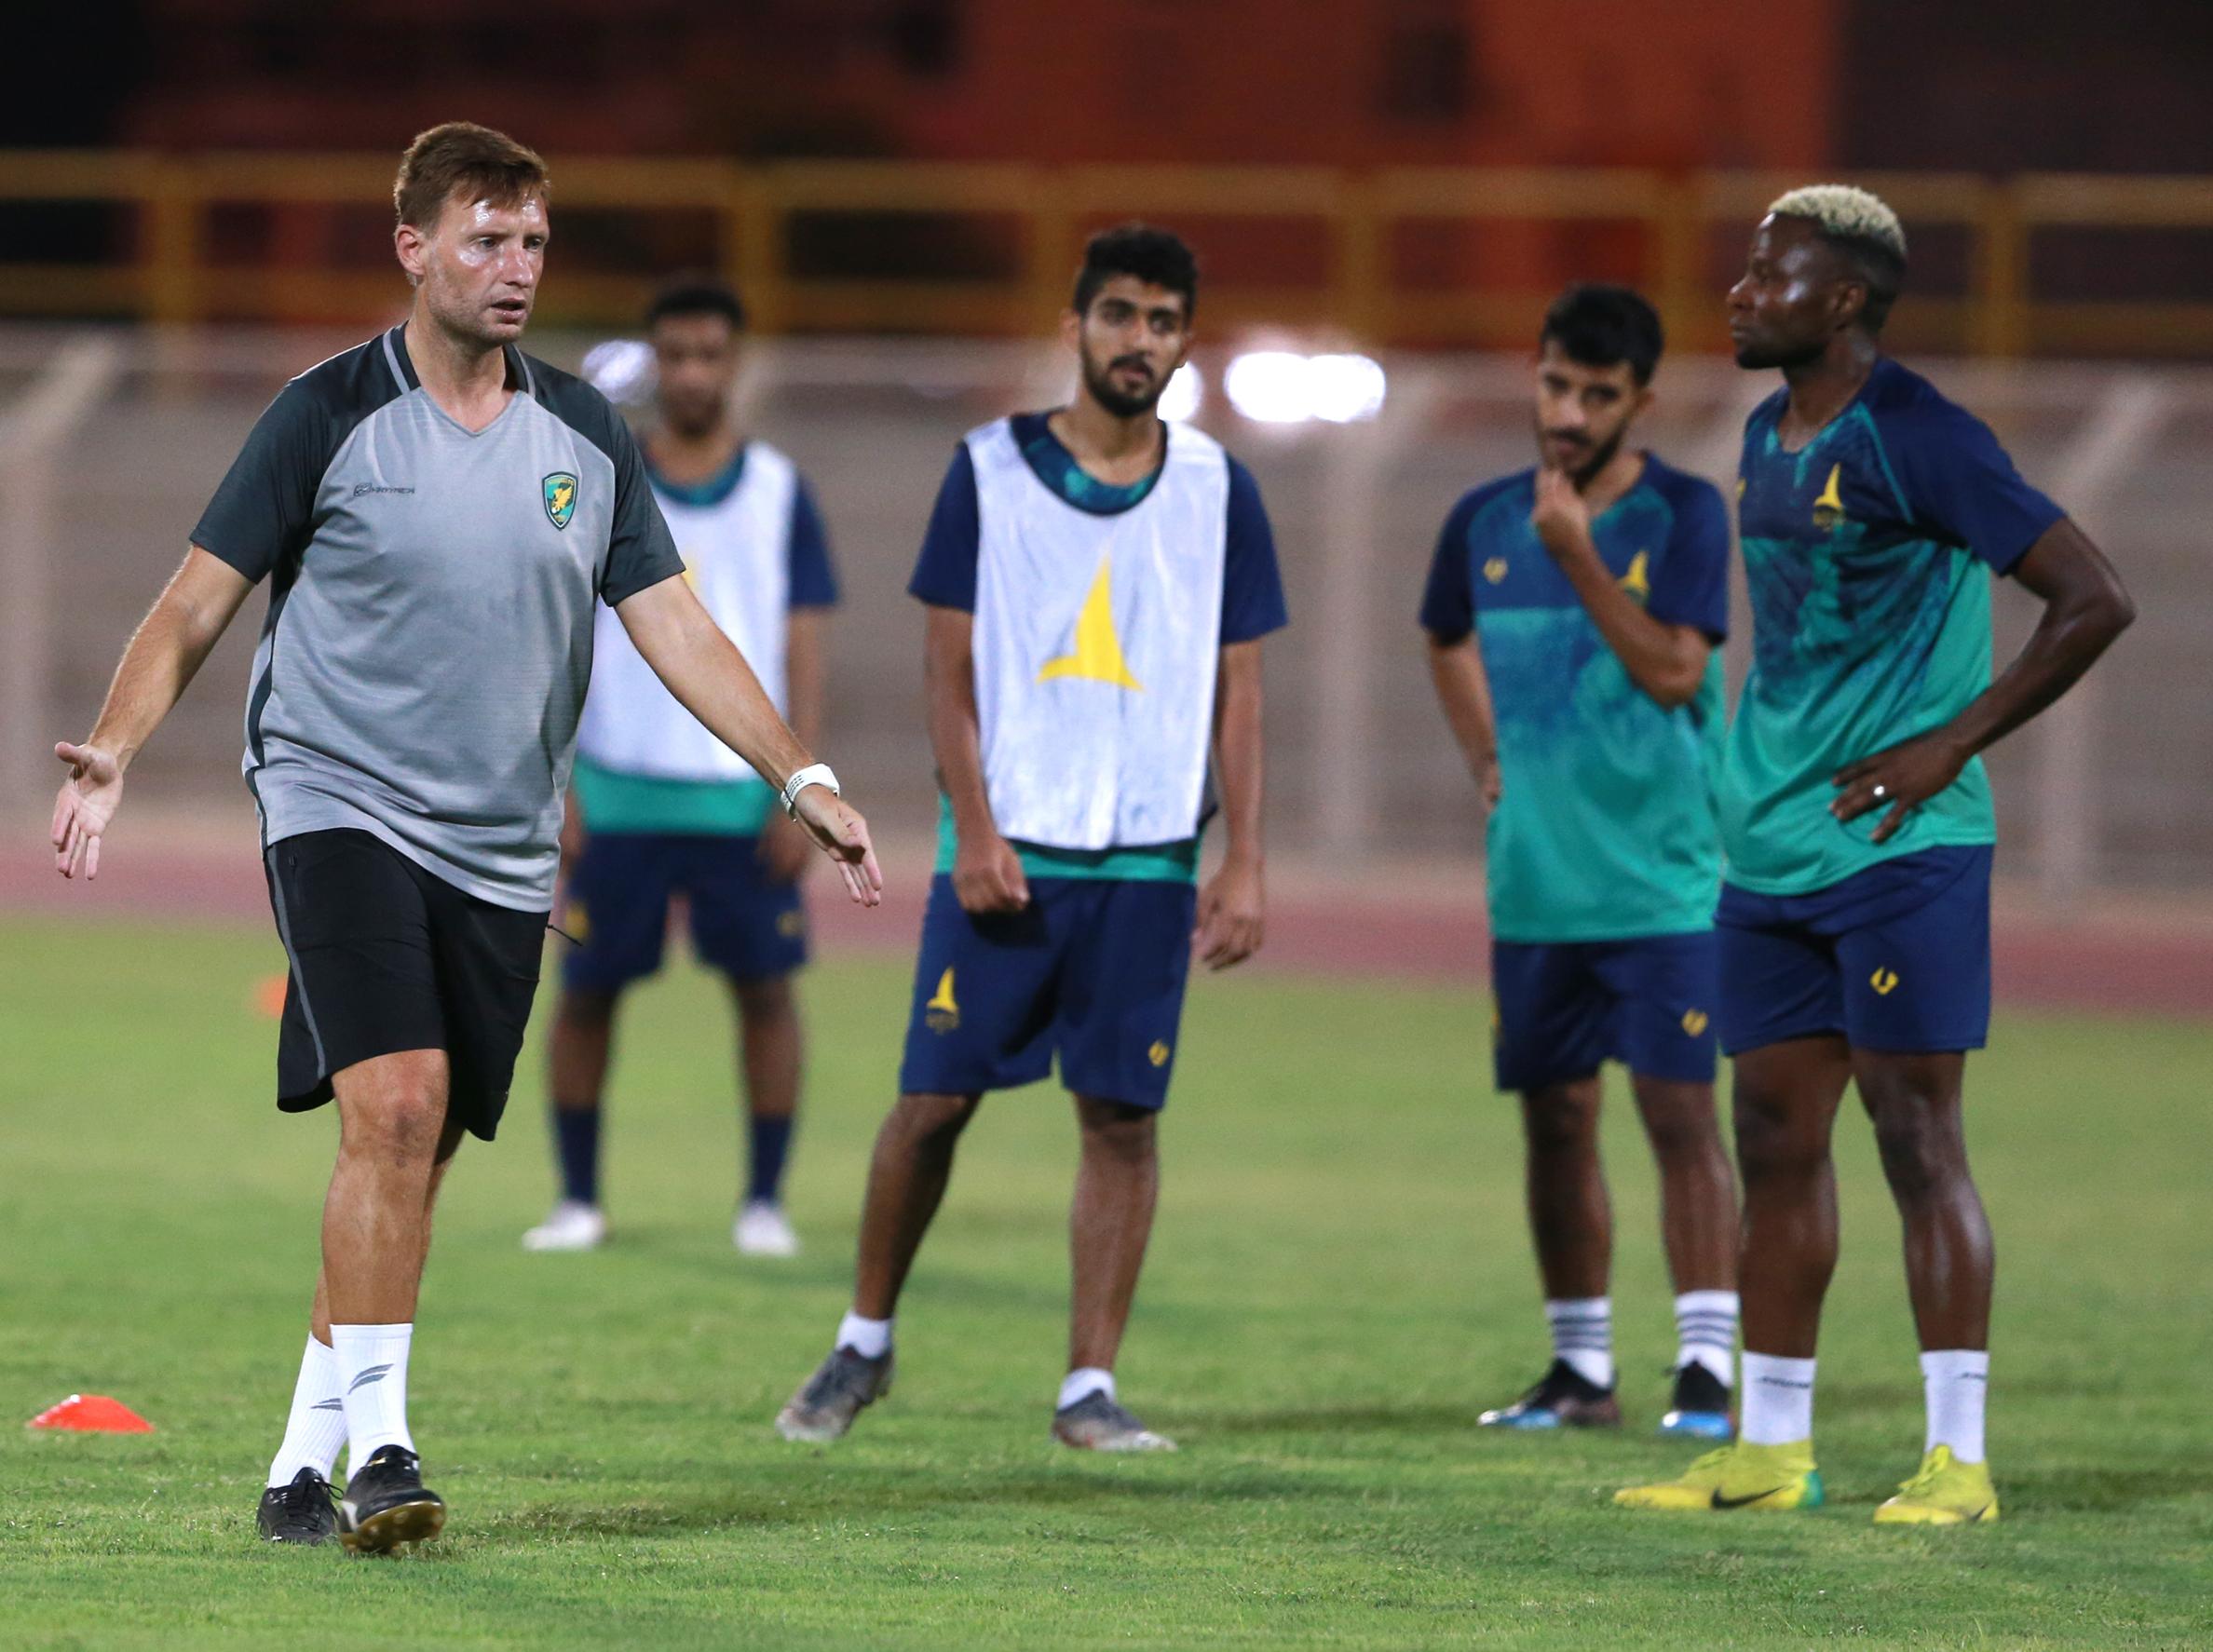 الخليج يجري تدريبه الرئيسي لمواجهة مضيفه الثقبة ضمن الجولة الخامسة لدوري الأمير محمد بن سلمان